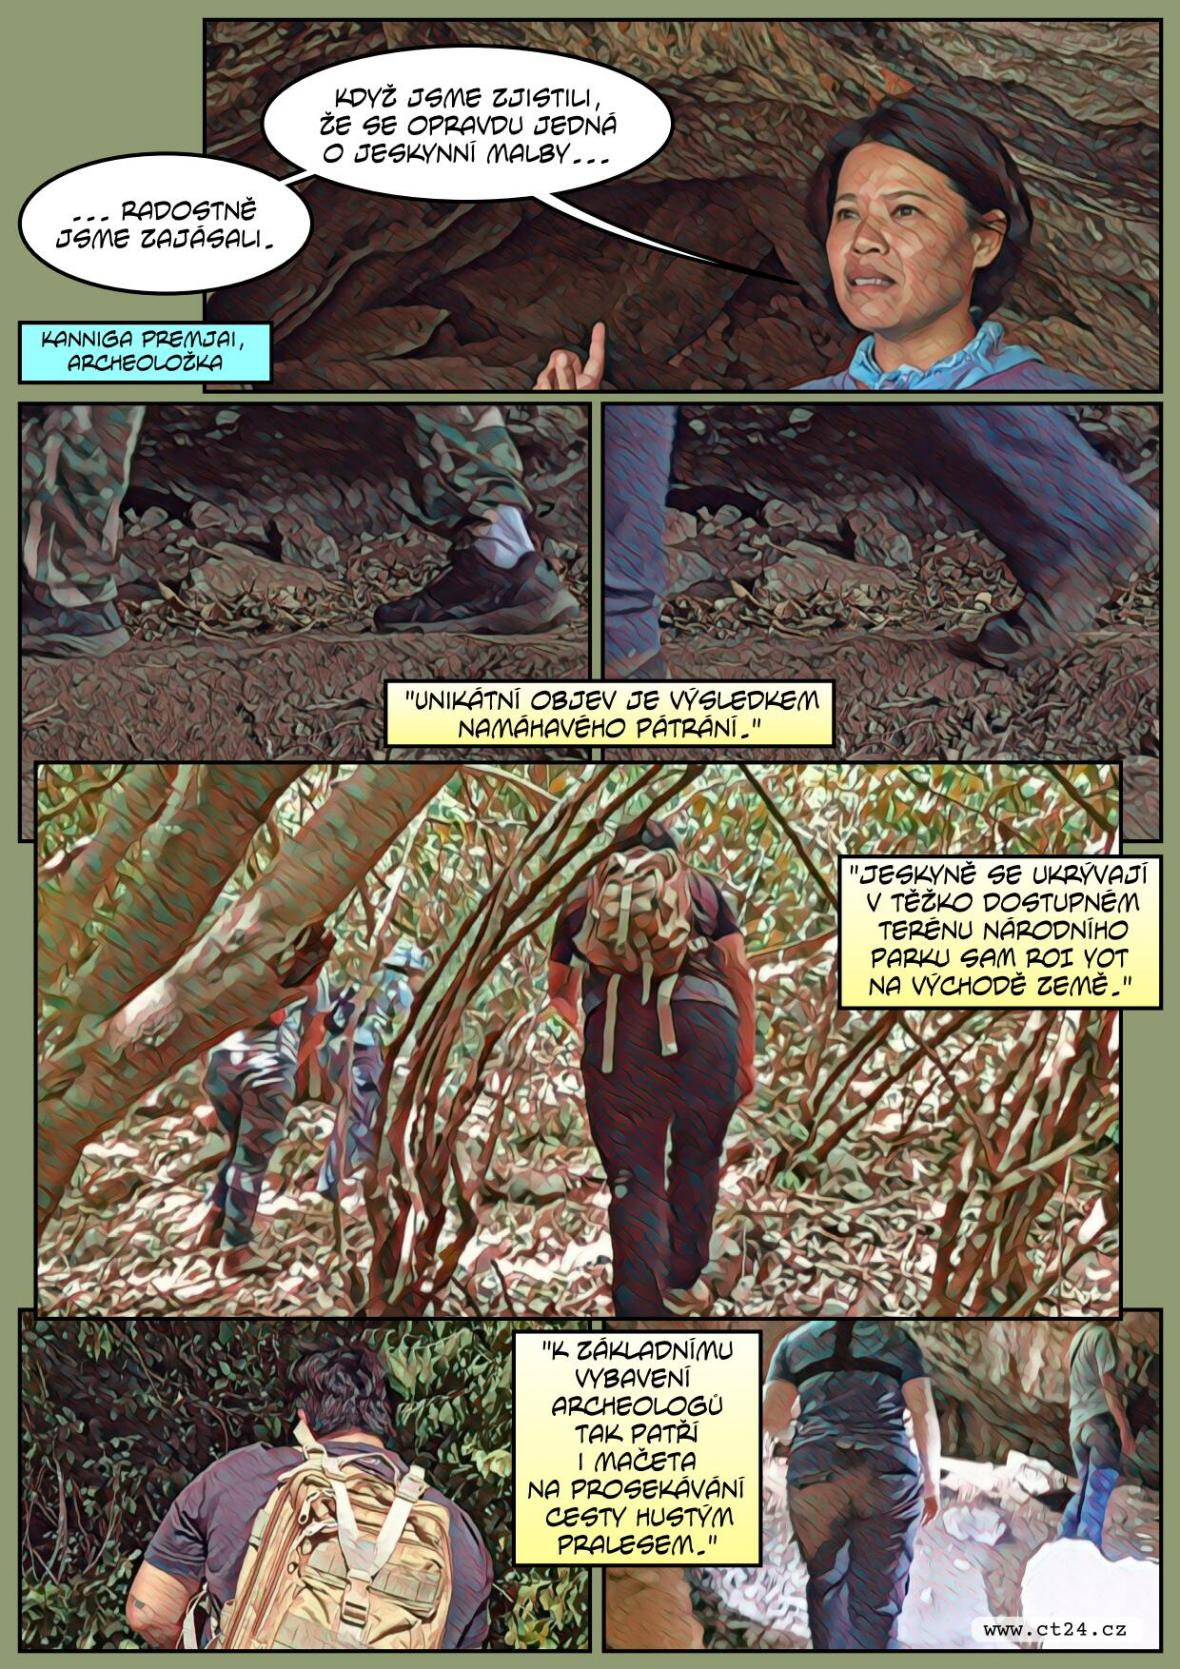 Mobilní aplikace pomohla objevit tisíce let staré jeskynní malby v Thajsku